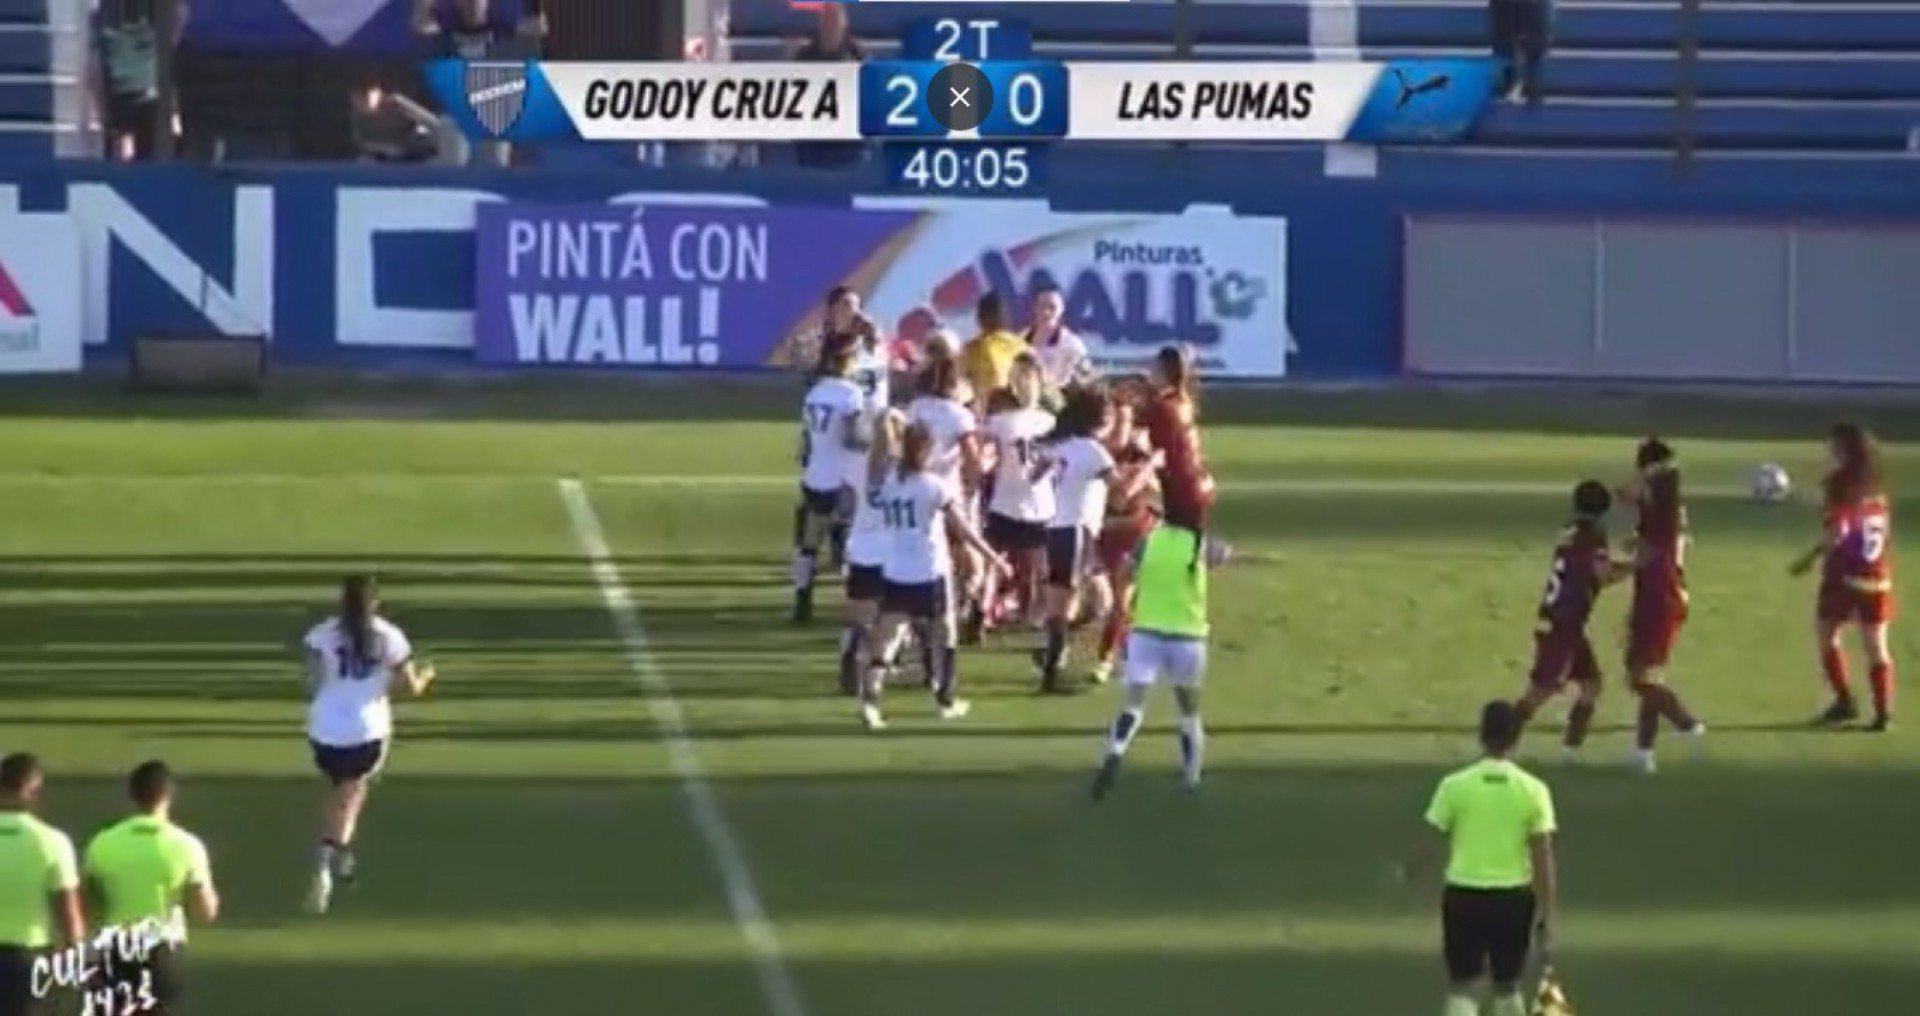 Vídeo! Partida de futebol feminino termina em briga com direito a socos e puxões de cabelo